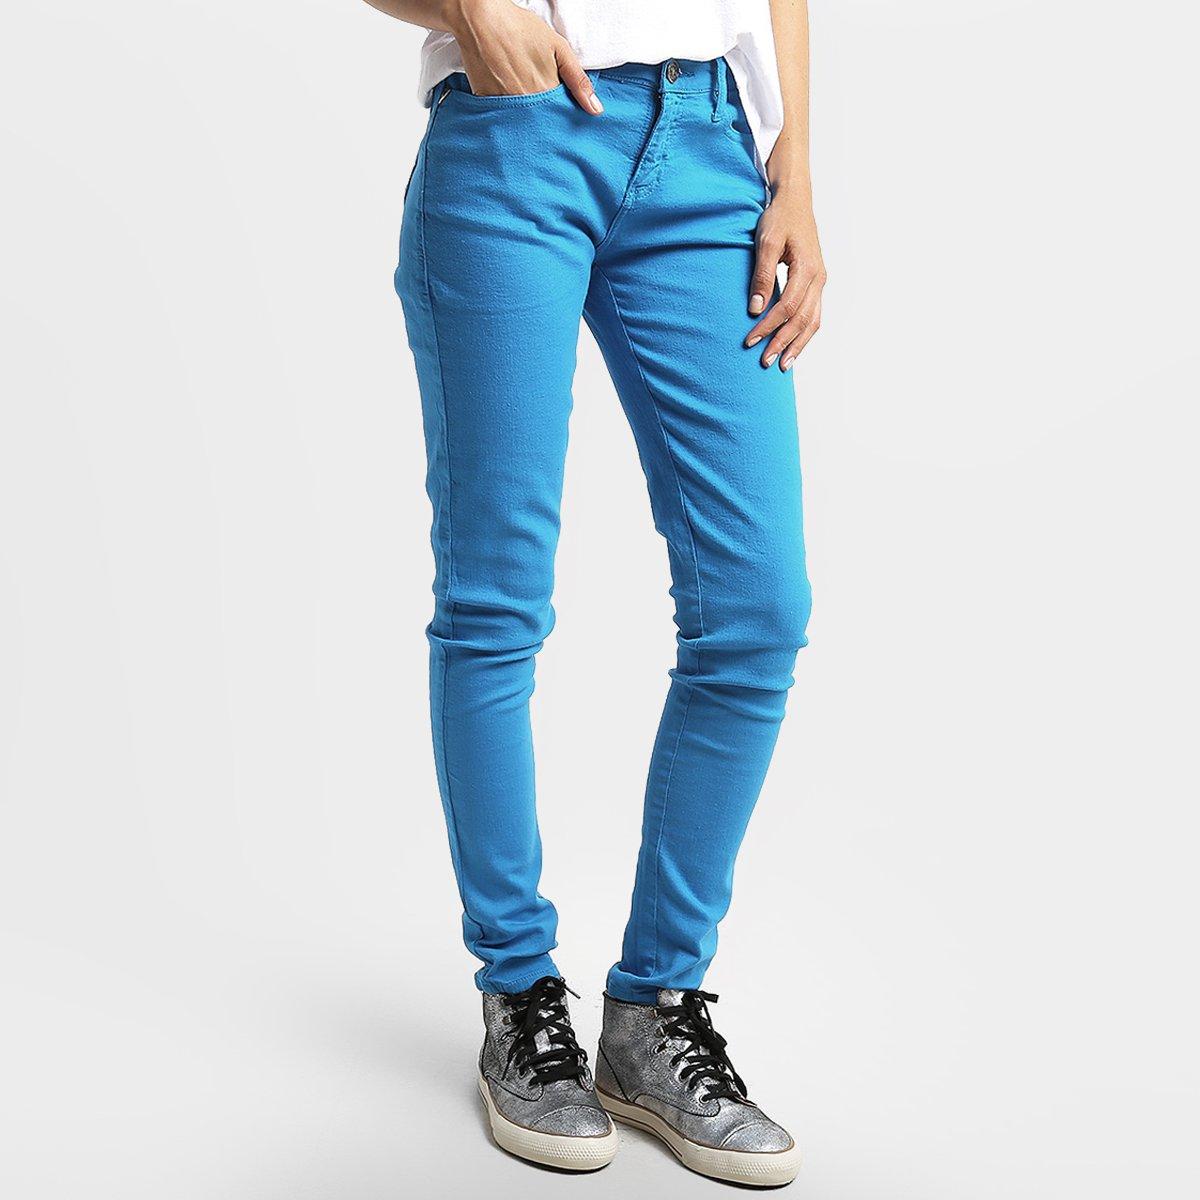 a472ba0c9 Calça Jeans Cavalera Skinny - Compre Agora | Netshoes